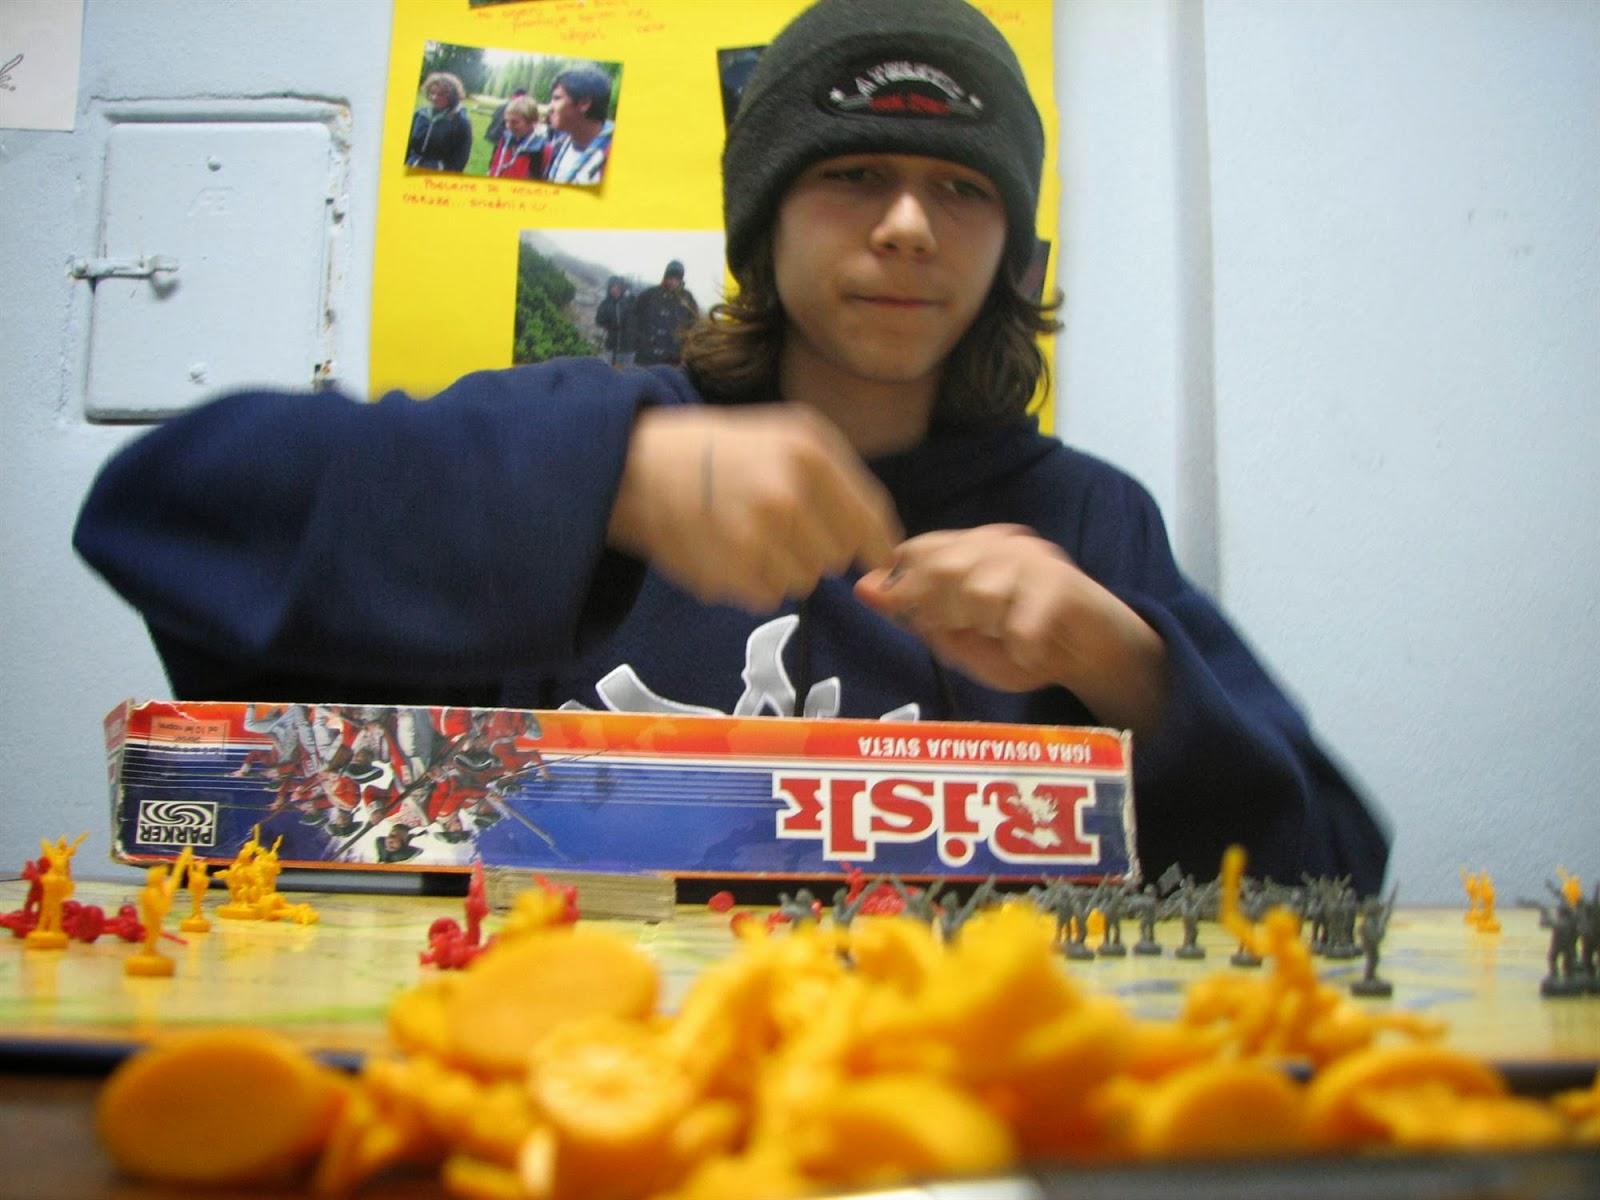 Večer družabnih iger, Ilirska Bistrica 2006 - vecer%2Bdruzabnih%2Biger%2B06%2B024.jpg